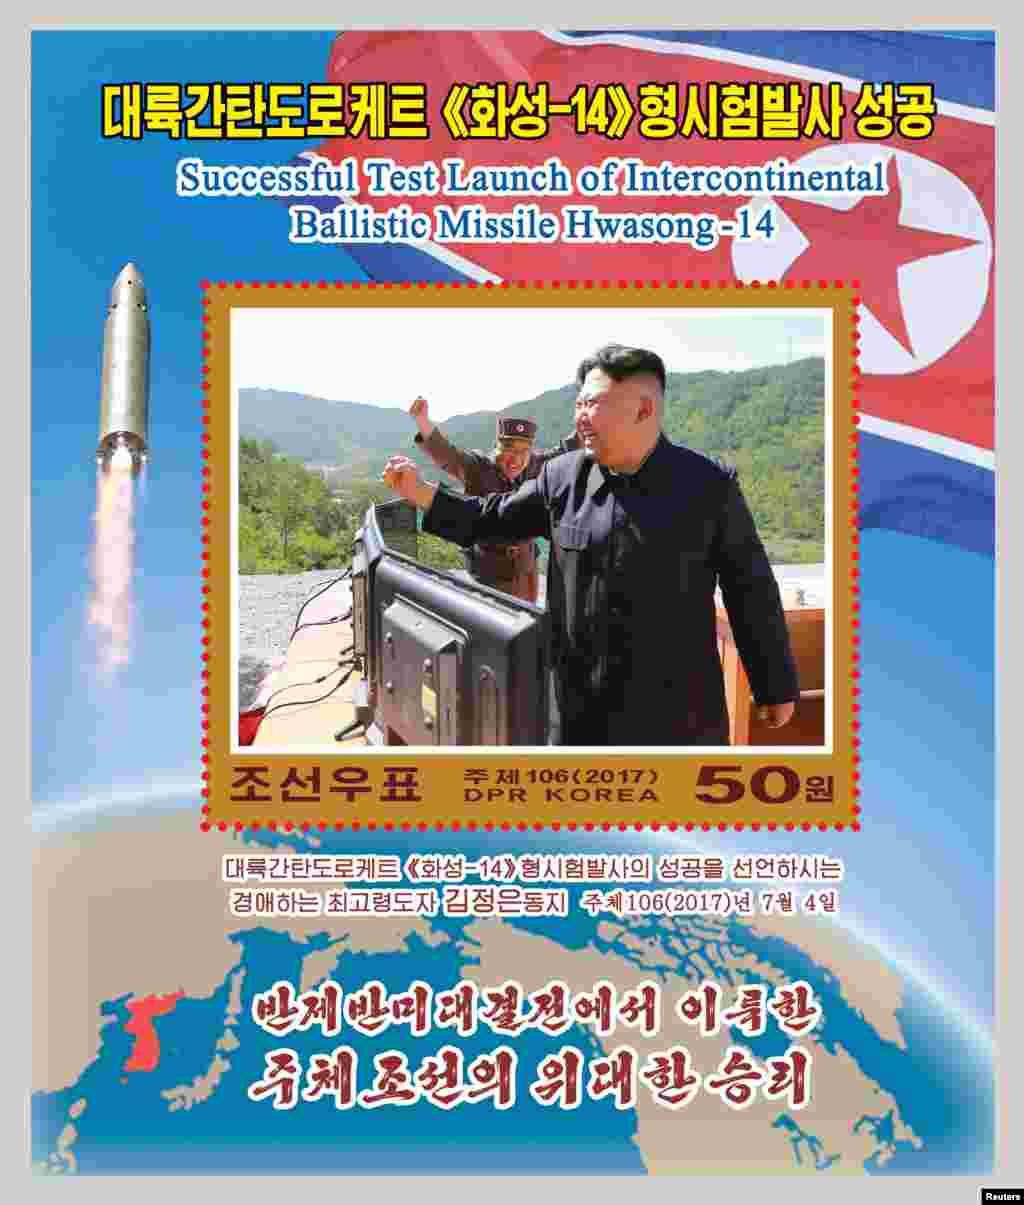 북한이 대륙간탄도미사일(ICBM) 화성-14 시험발사 성공을 기념해 발행한 우표. 화성-14 시험발사 성공을 선언하는 북한 김정은 국무위원장의 모습이 실려있다. 그 아래에는 '반제반미대결전에서 이륙한 주체조선의 위대한 승리'라는 문구가 적혀있다.